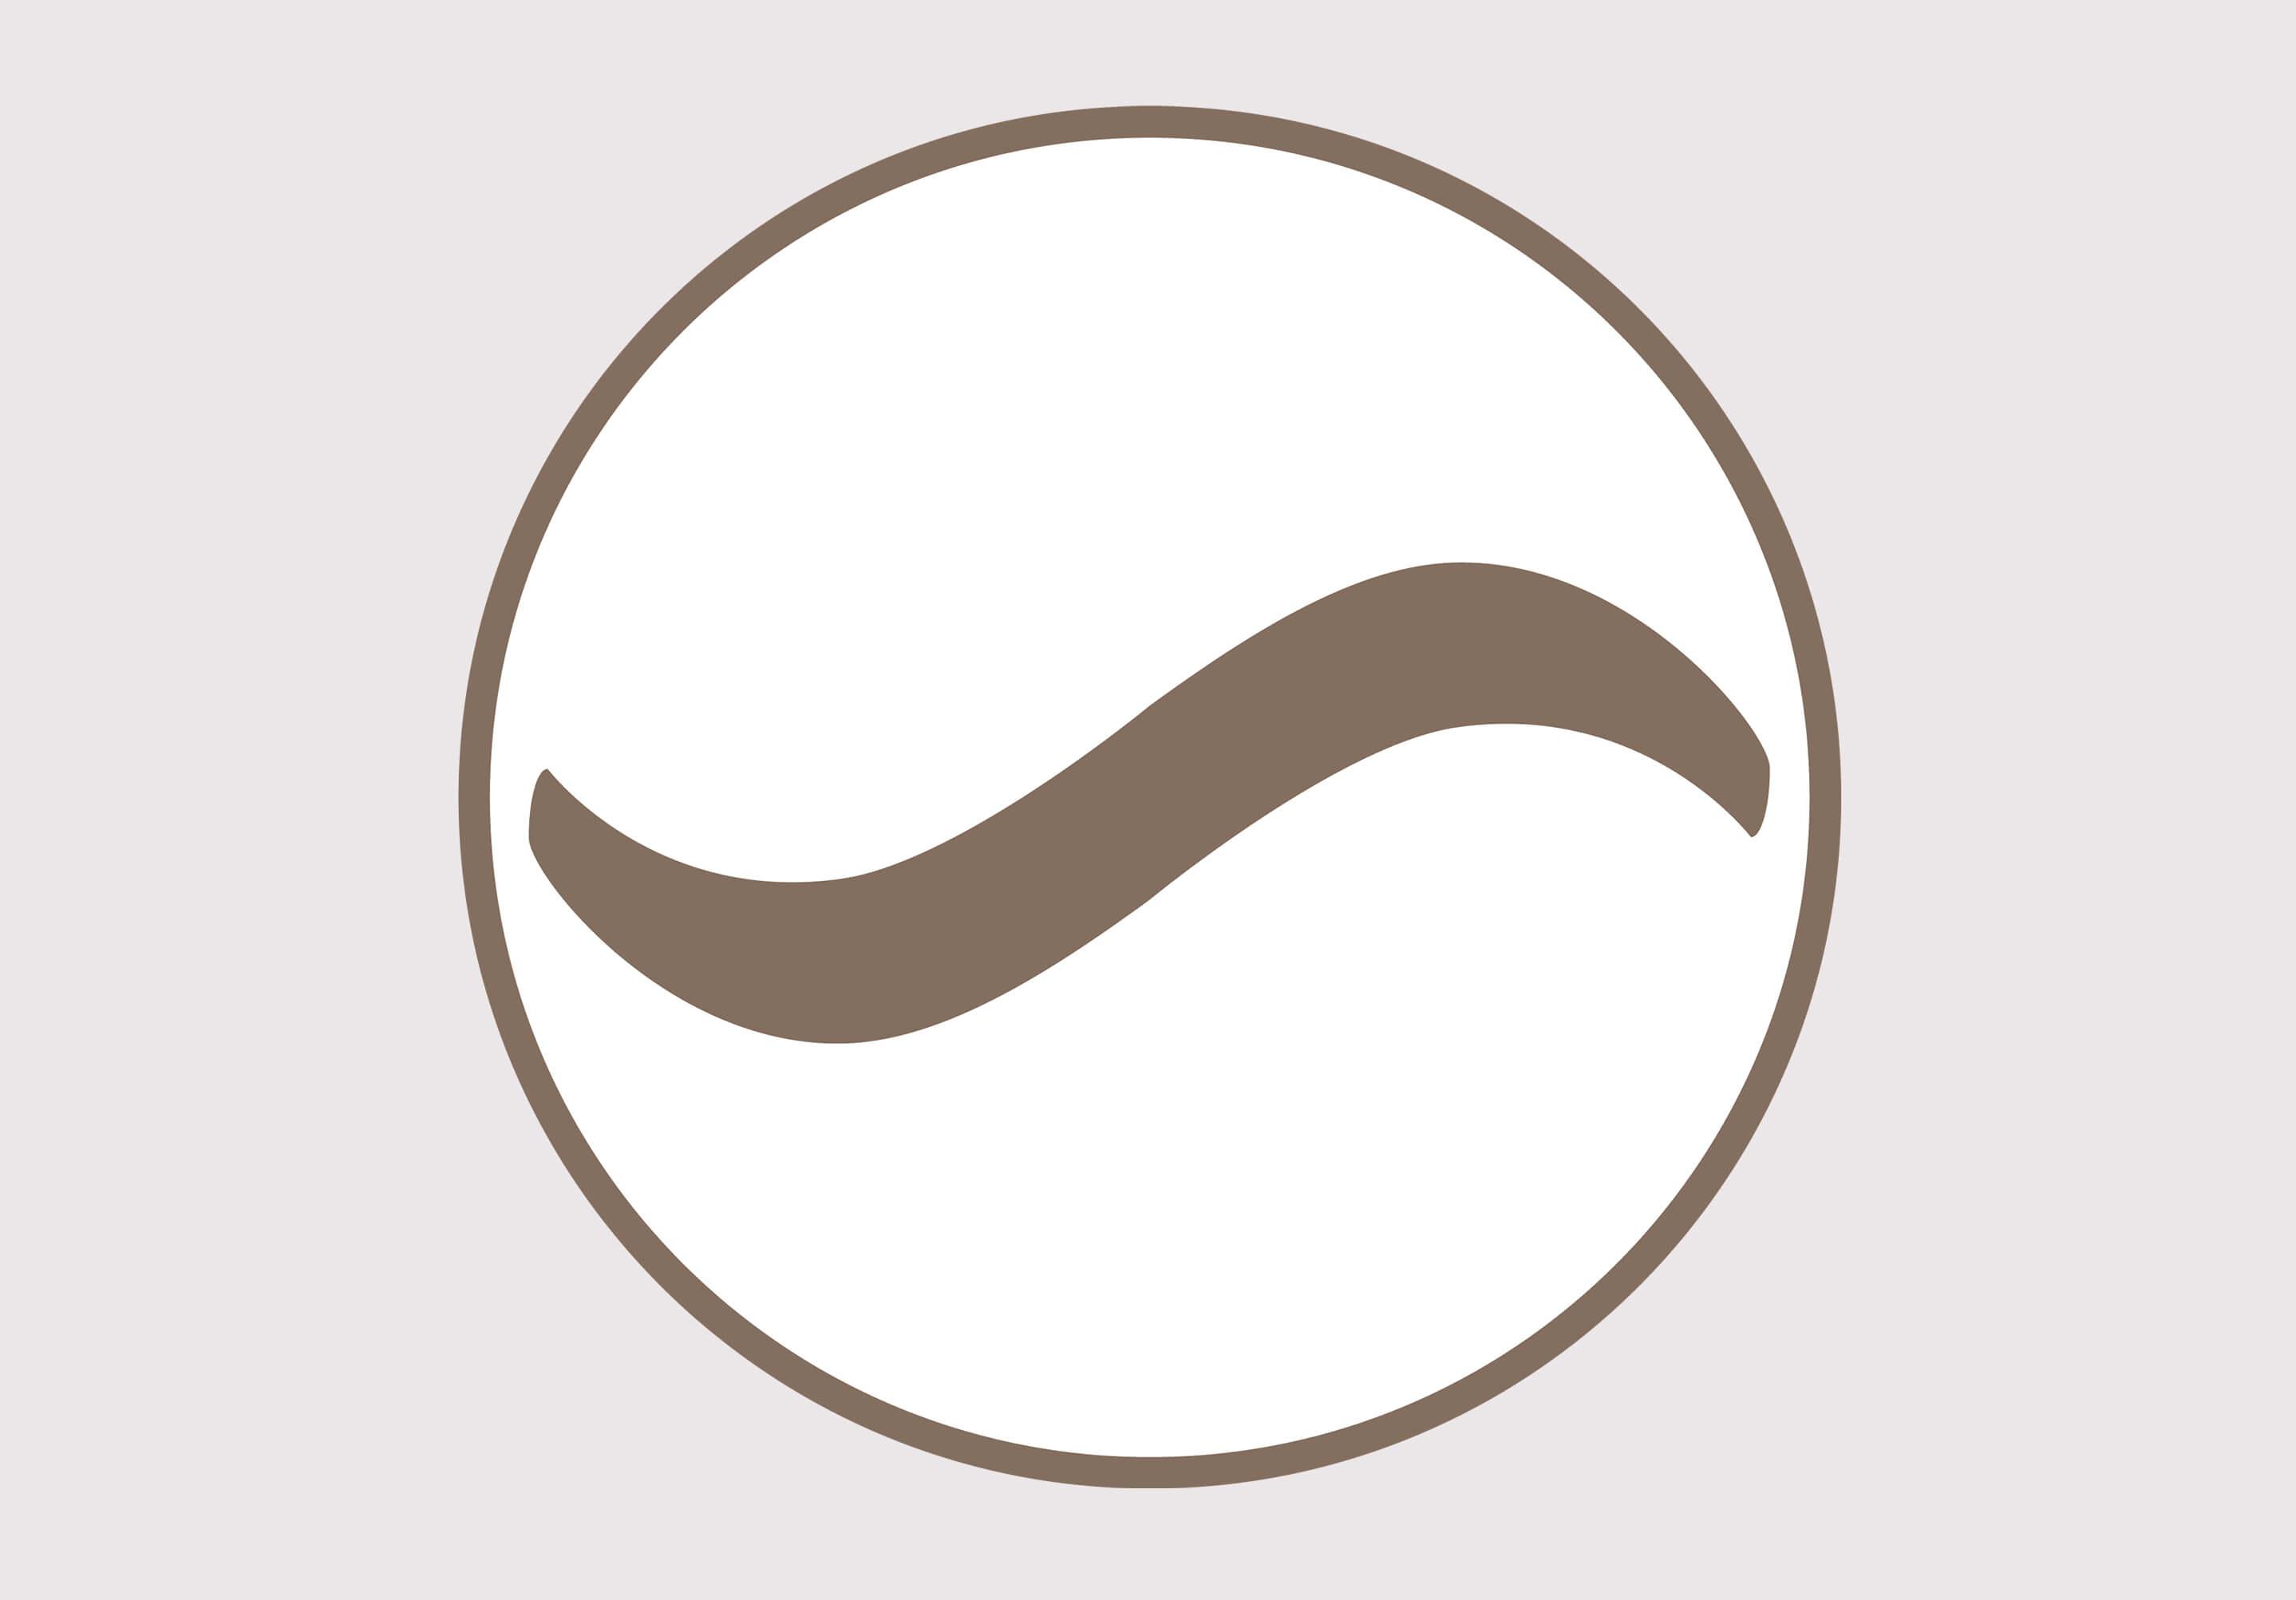 Oneflex | Calzado anatómico elegante y moderno